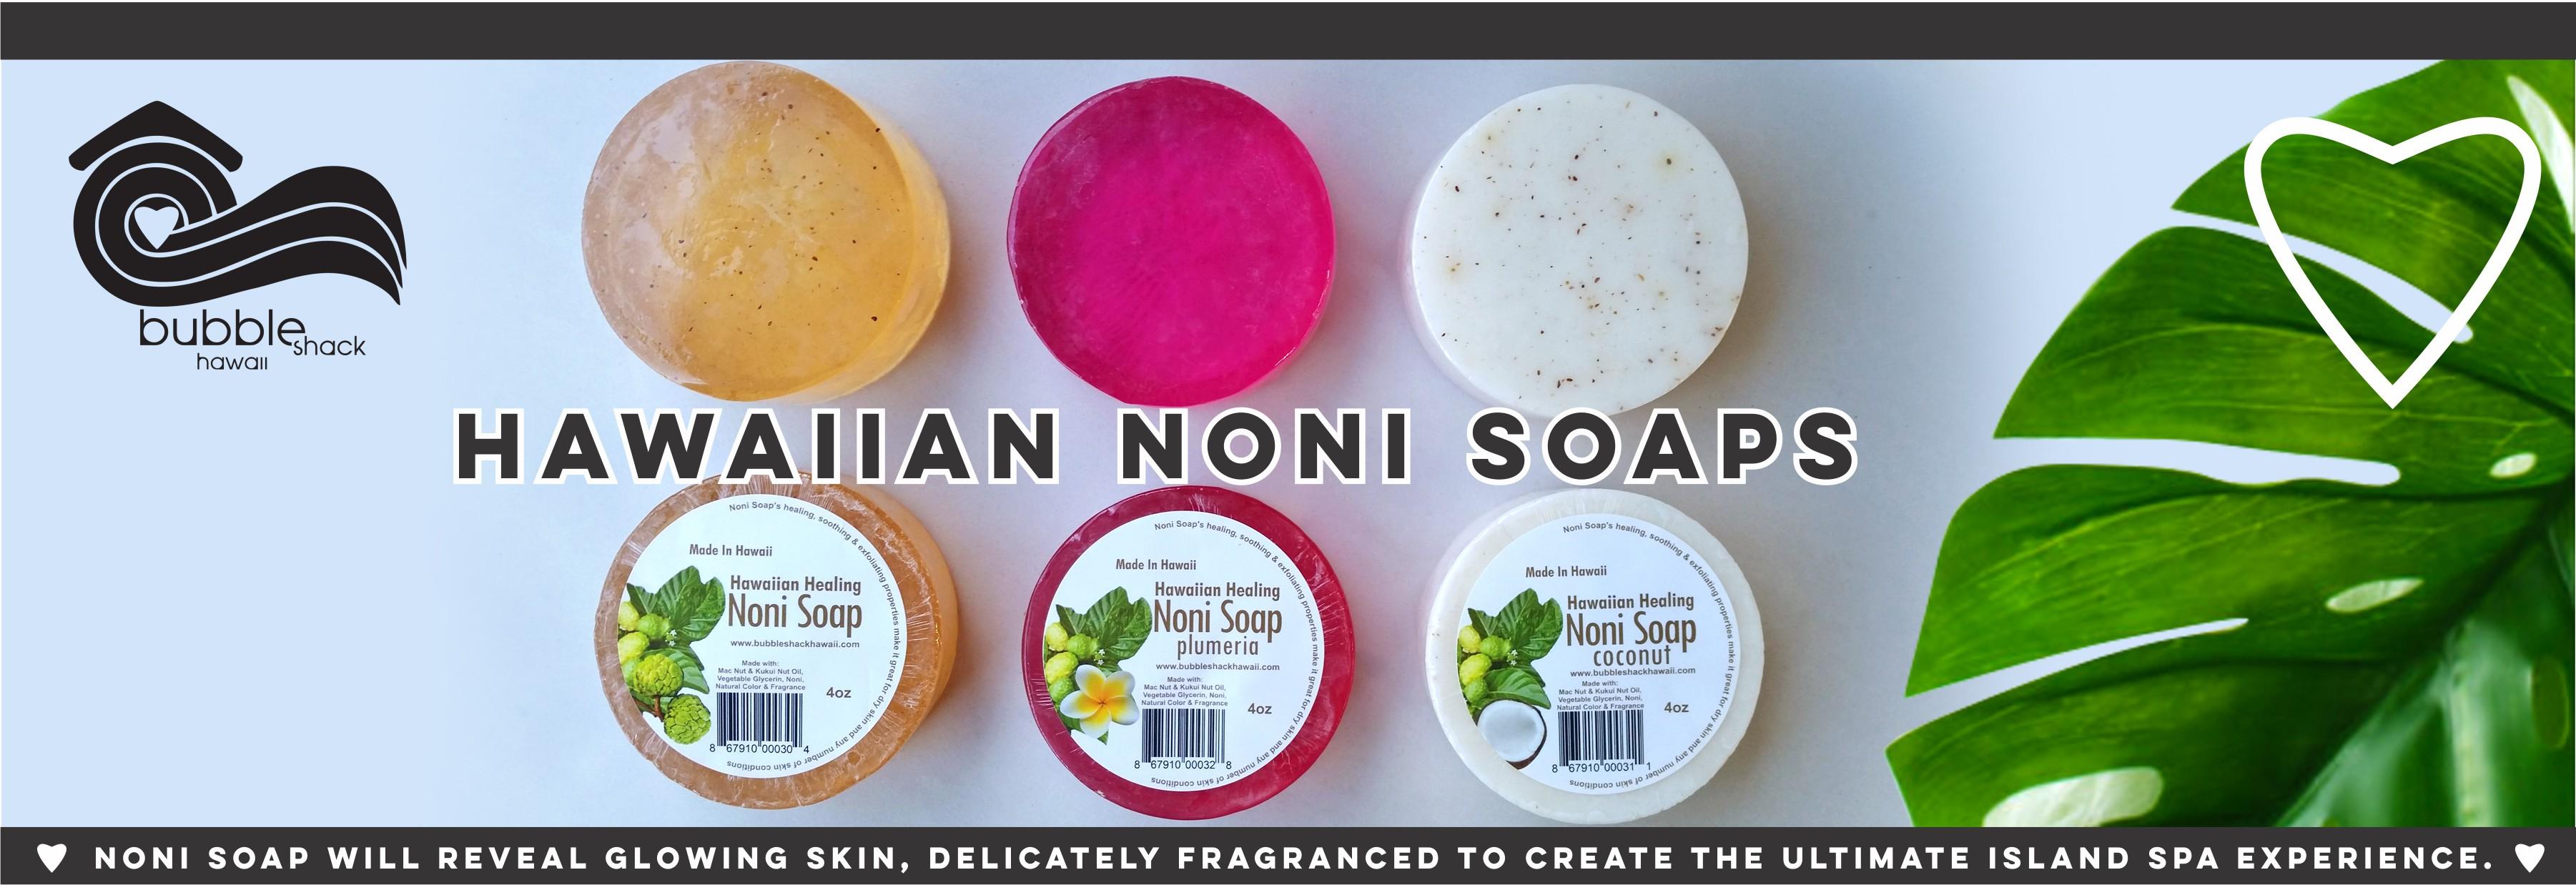 Hawaiian Noni Soap Header